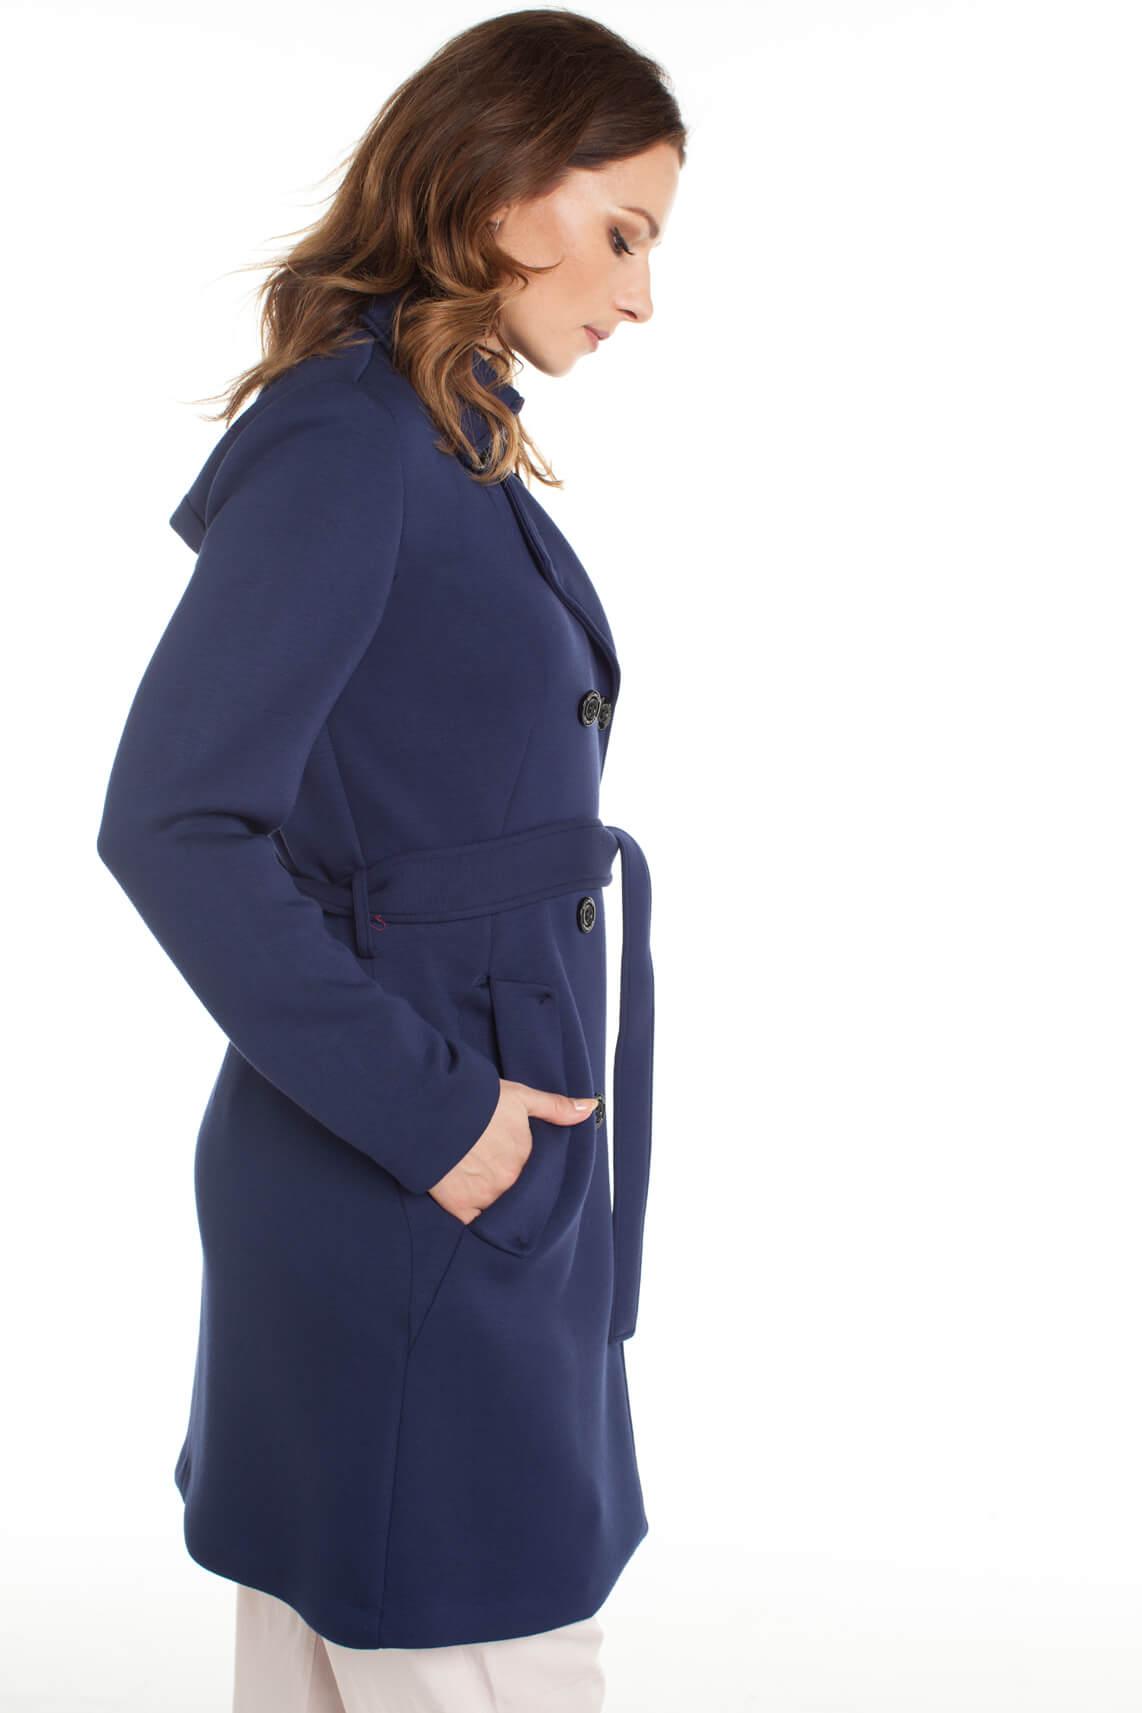 Beaumont Dames Trenchcoat Blauw